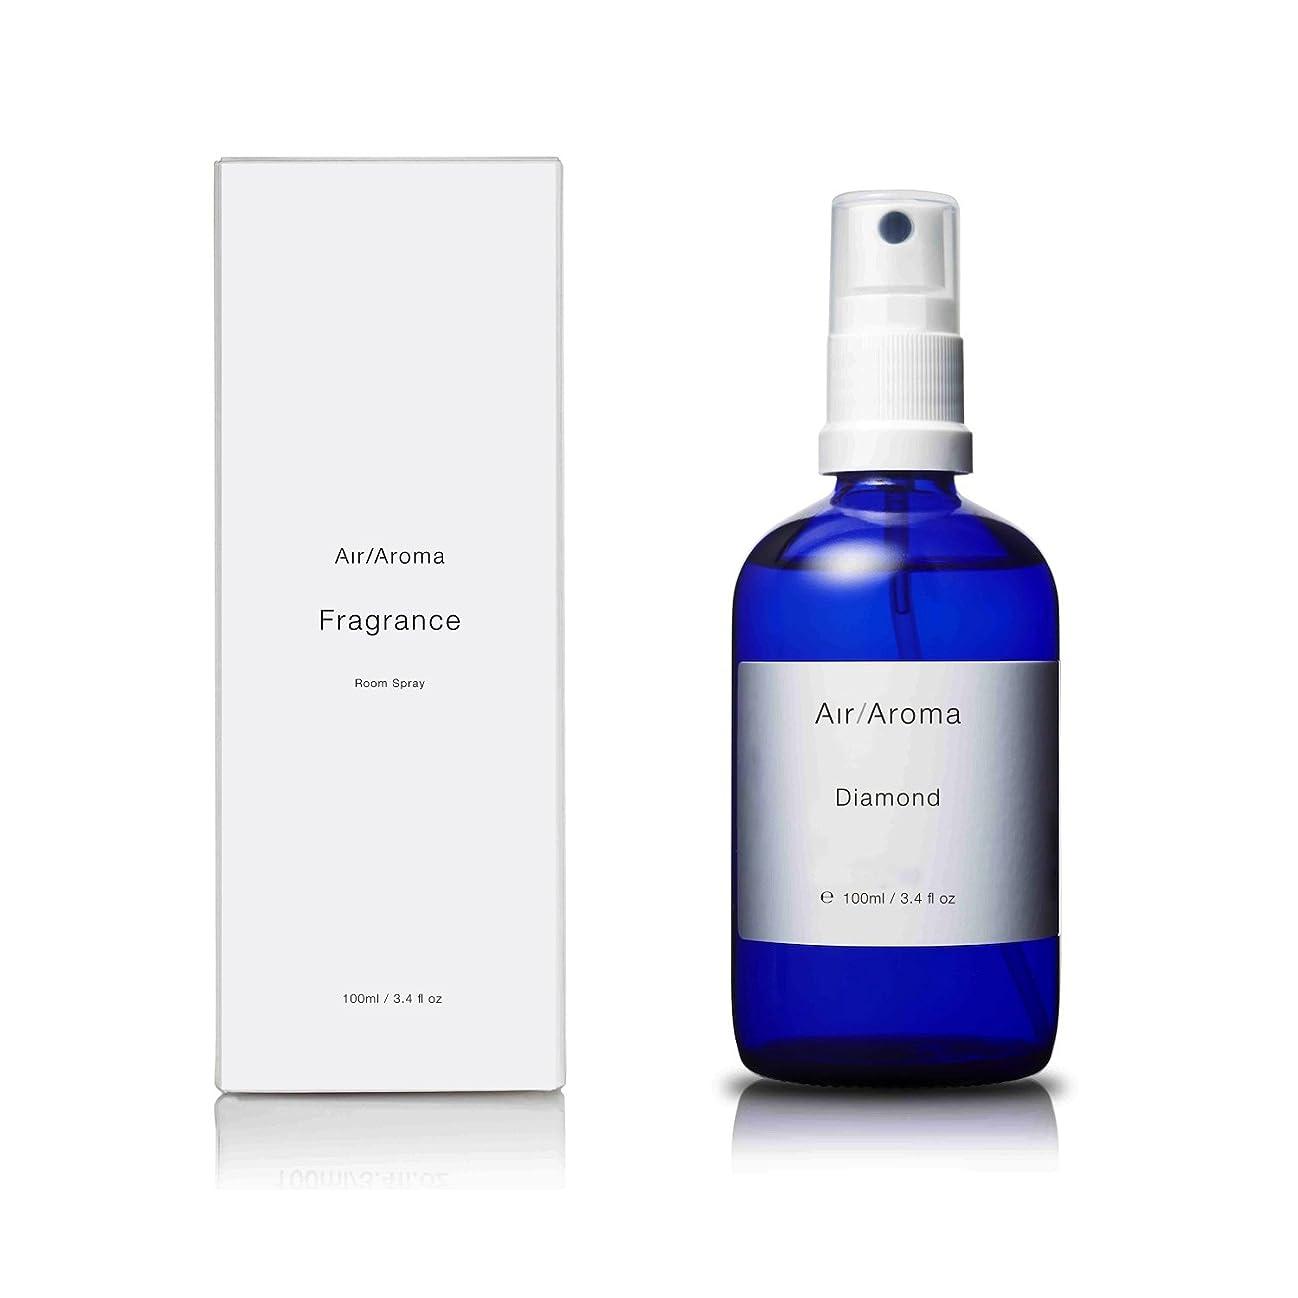 留め金悪党配置エアアロマ diamond room fragrance (ダイアモンド ルームフレグランス) 100ml